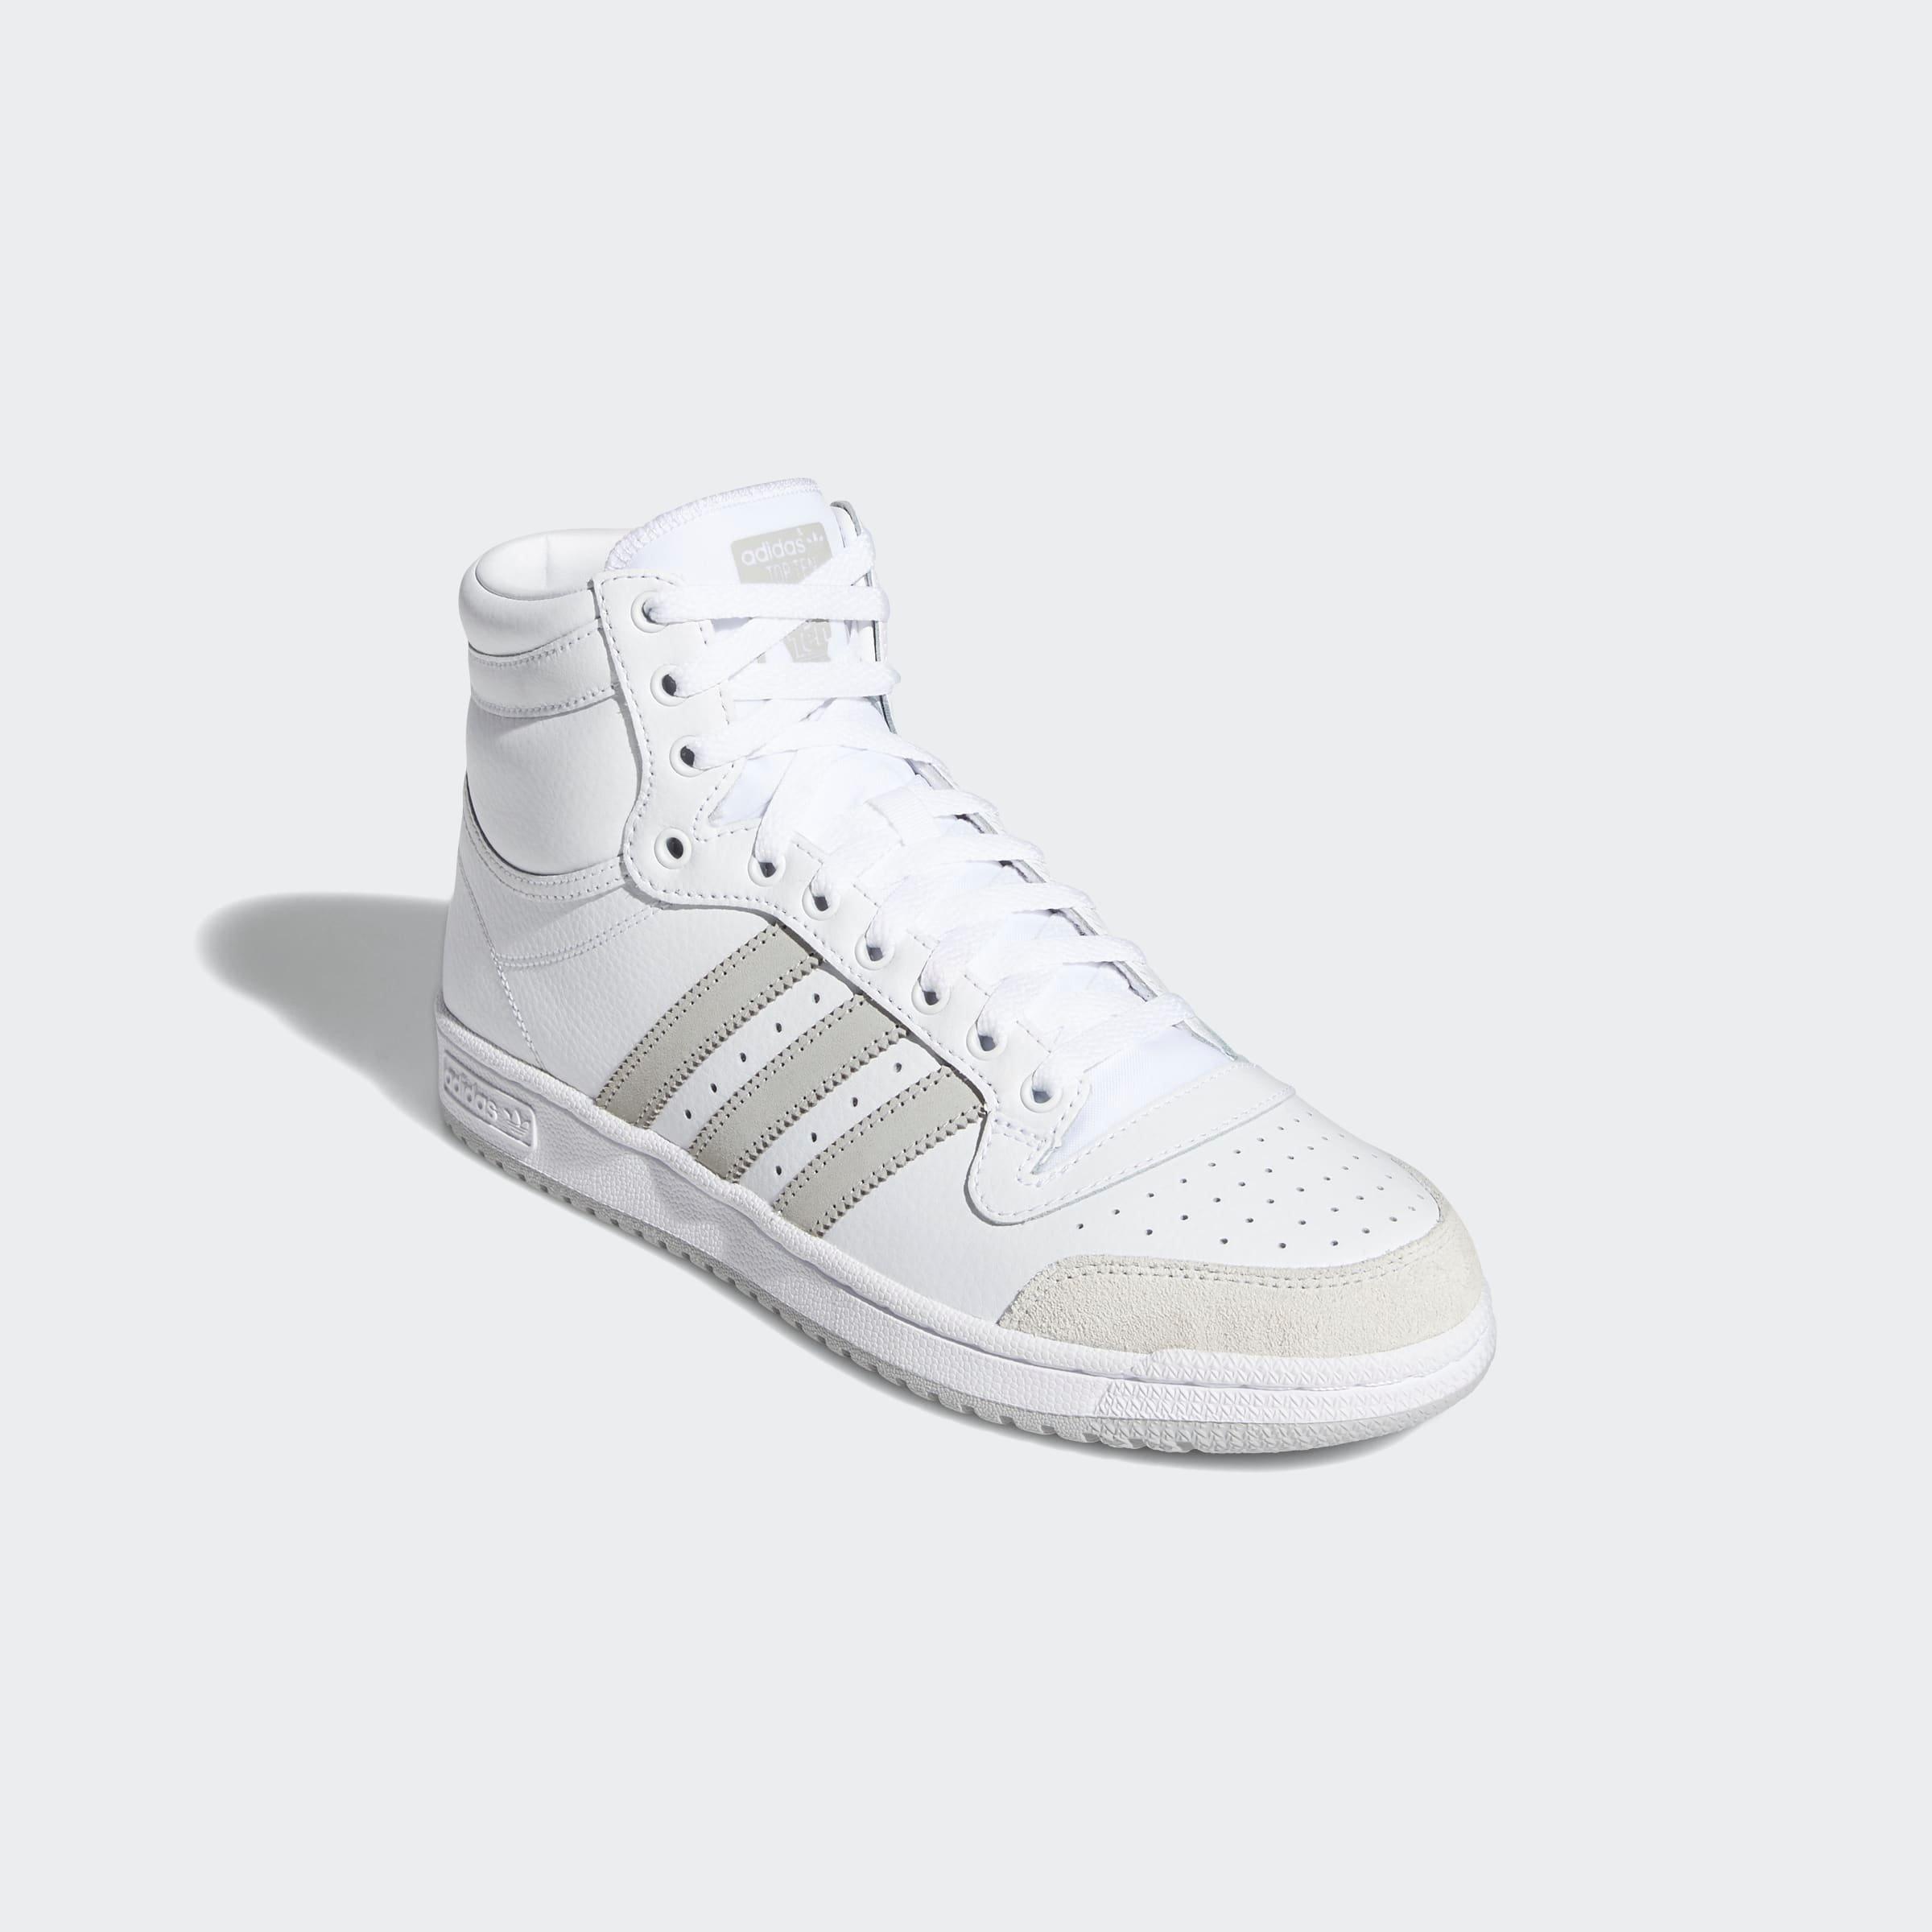 adidas Originals sneakers TOP TEN - gratis ruilen op otto.nl